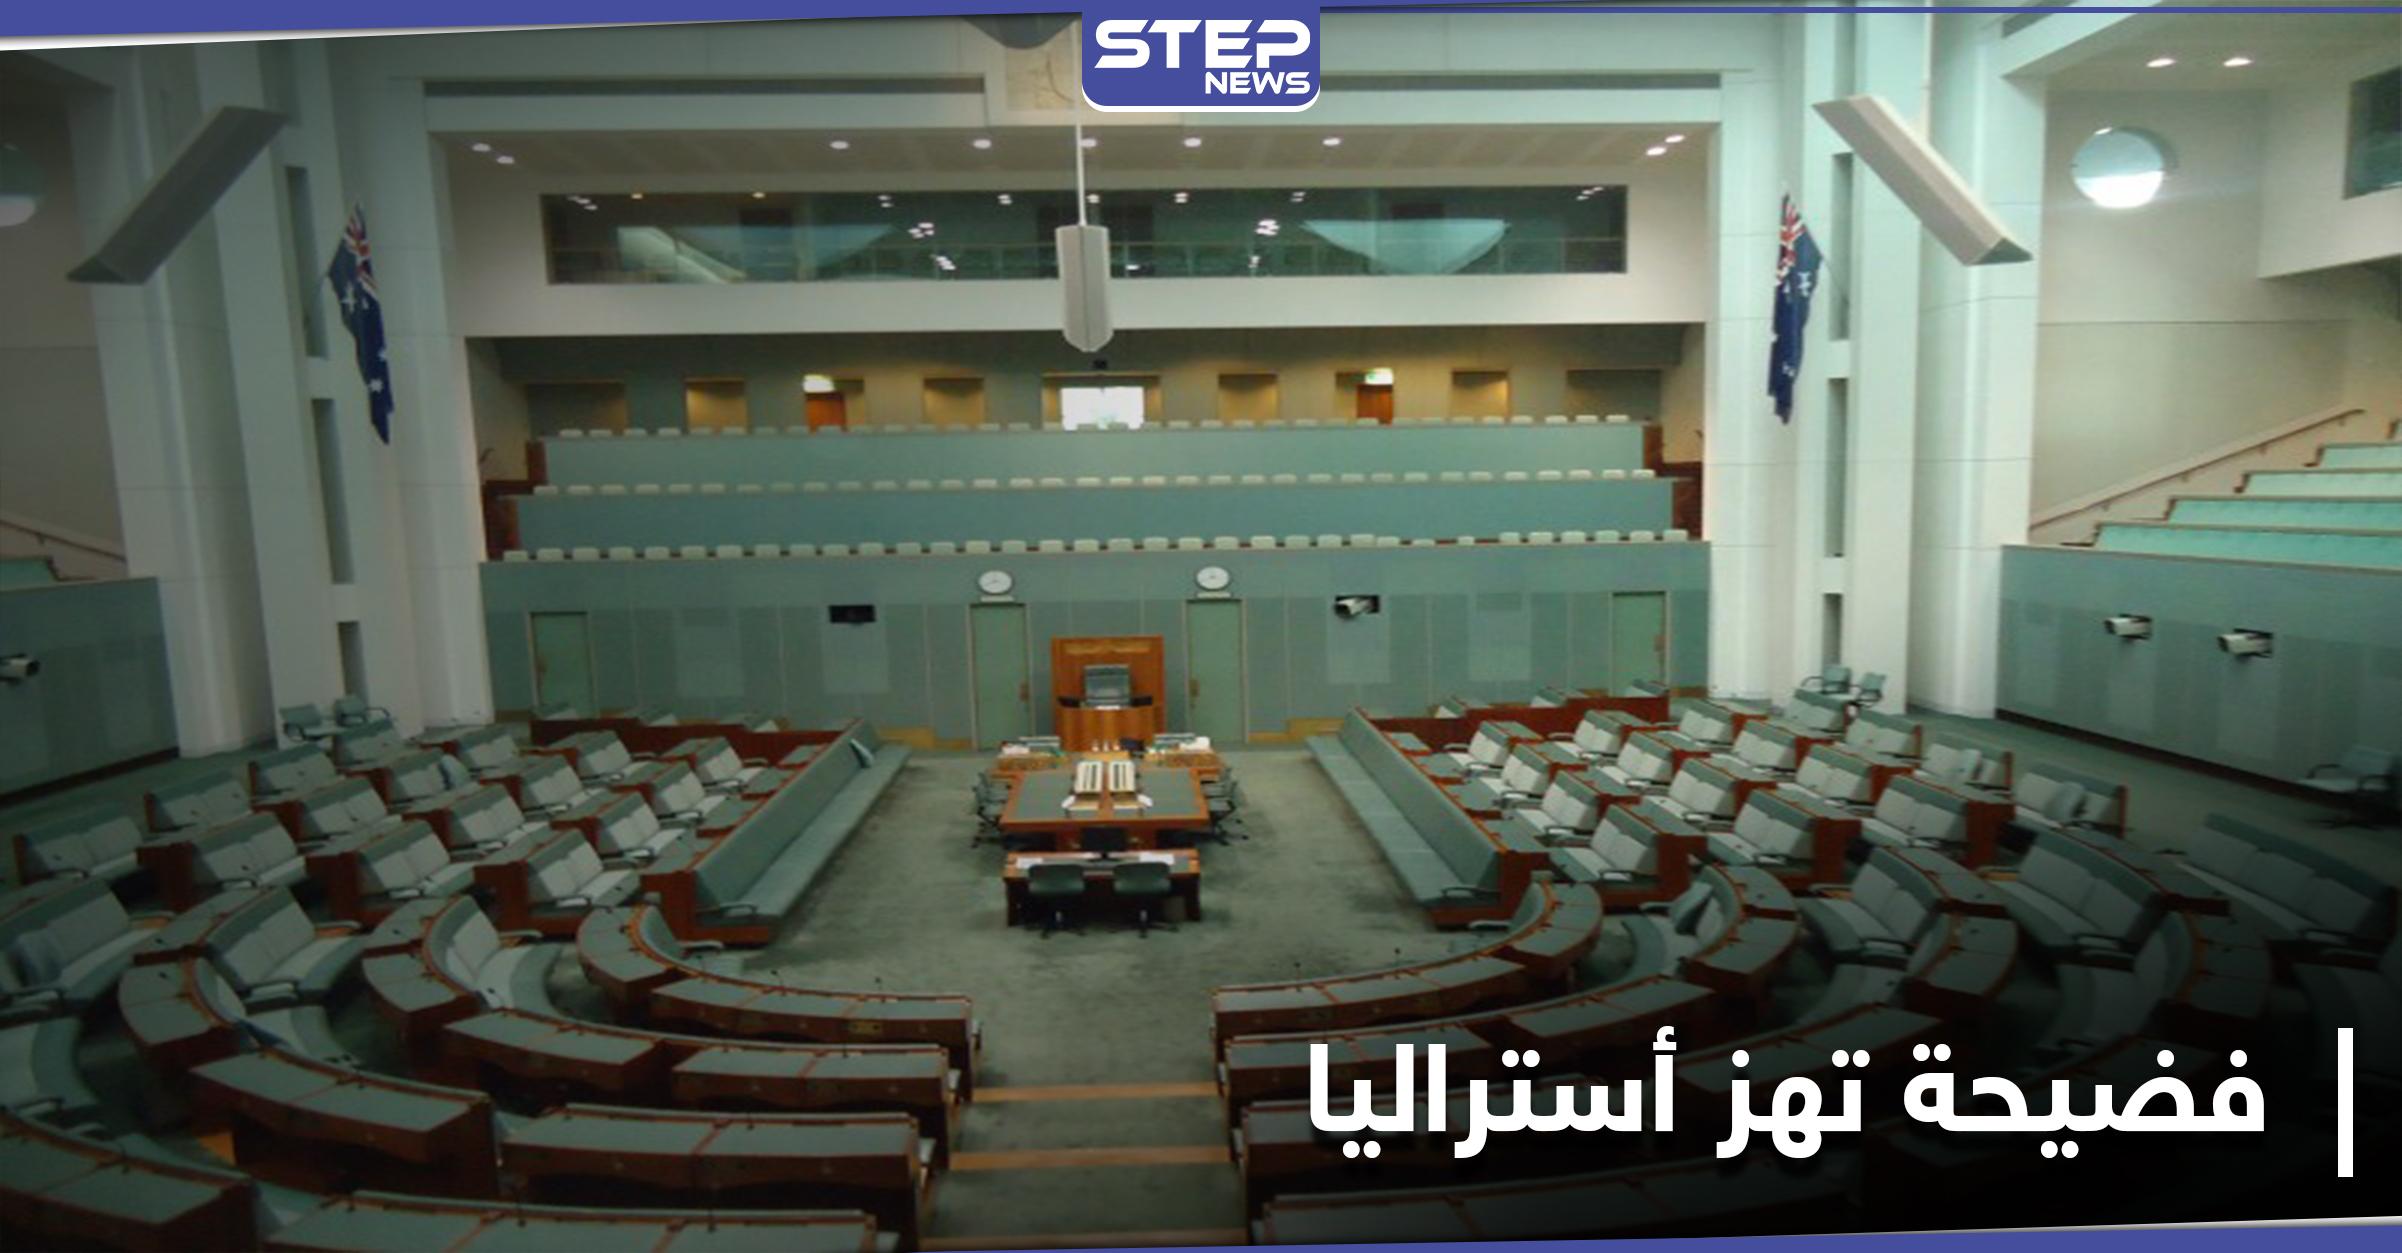 """""""في أماكن الصلاة"""".. مقاطع فيديو """"جنسية"""" لنواب البرلمان تهزّ الحكومة الأسترالية"""